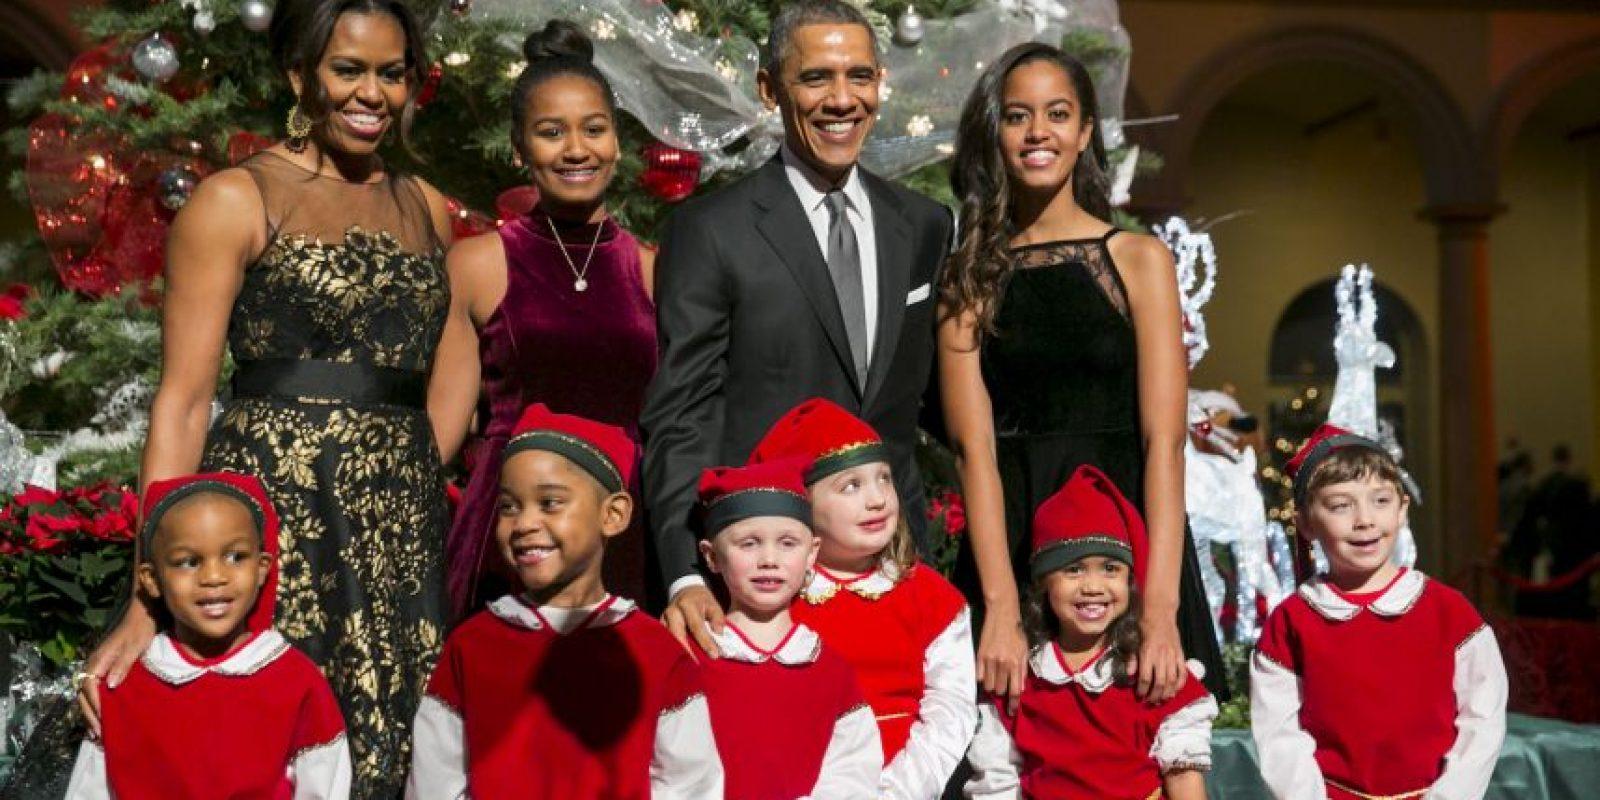 Sus últimas fanáticas declaradas son Sasha y Malia Obama, hijas del presidente de los Estados Unidos, Barack Obama. Foto:Getty Images